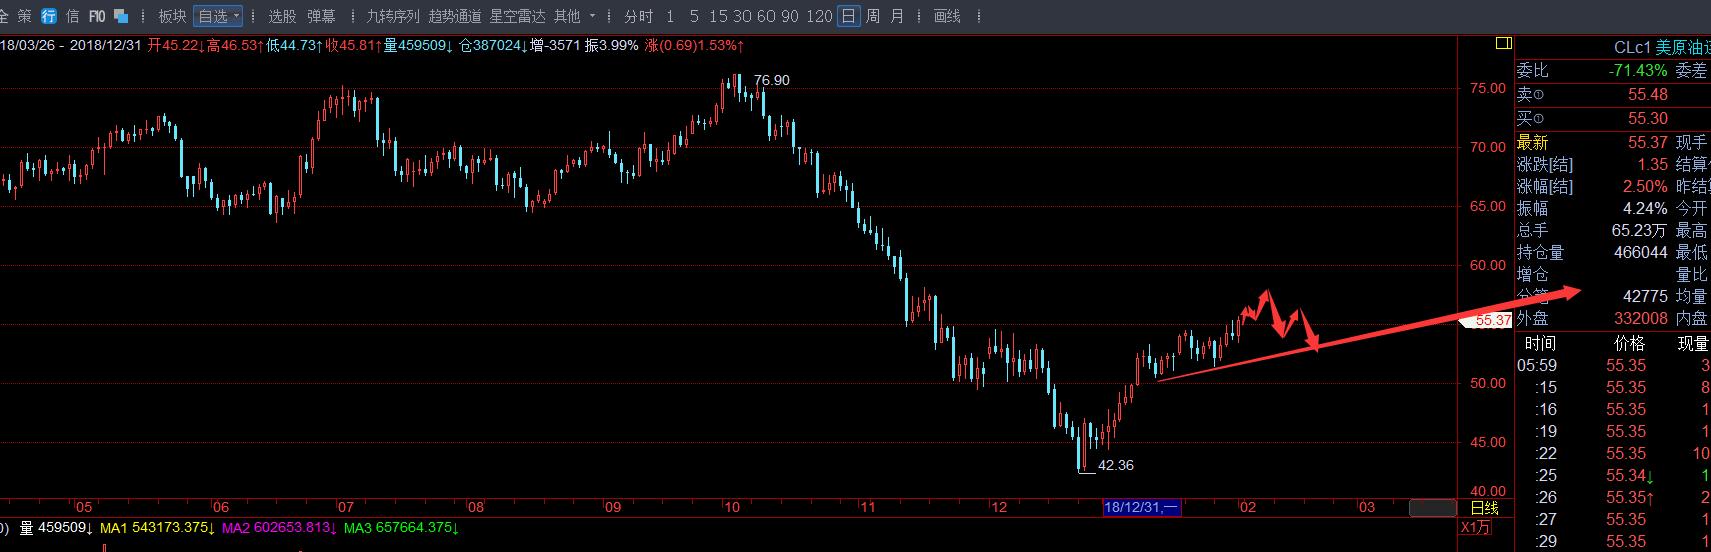 OPEC原油减产1月超预期完成109%,刺激原油打破牛熊分界